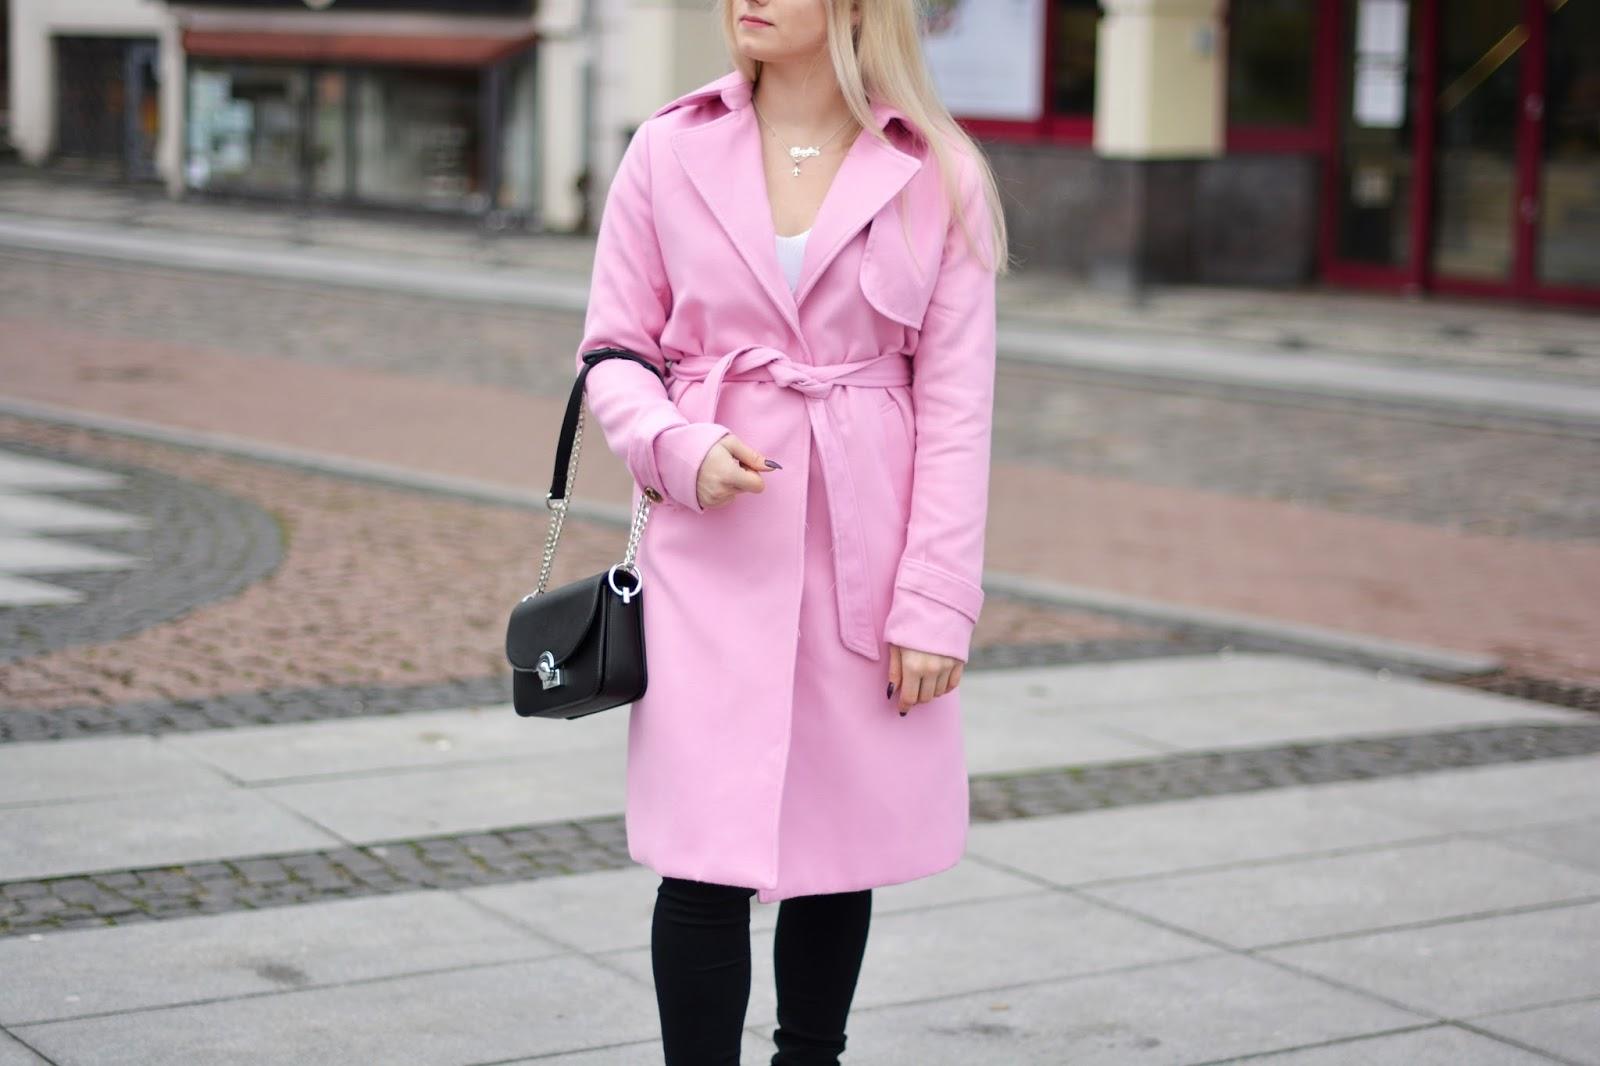 jak nosić płaszcz 2017